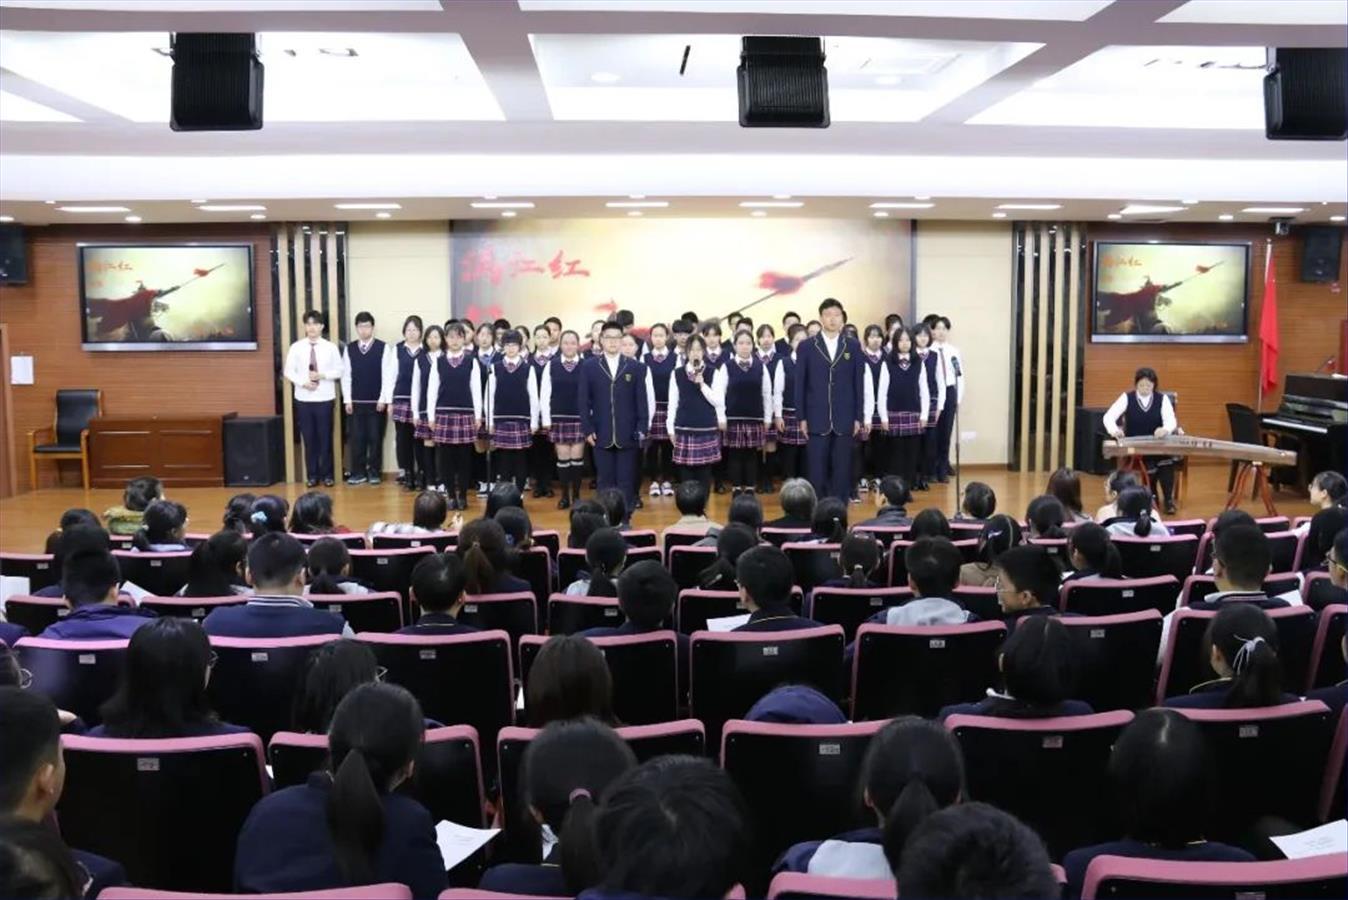 经典咏流传诗性润香山 ――高一年级诗歌朗诵会成功举办